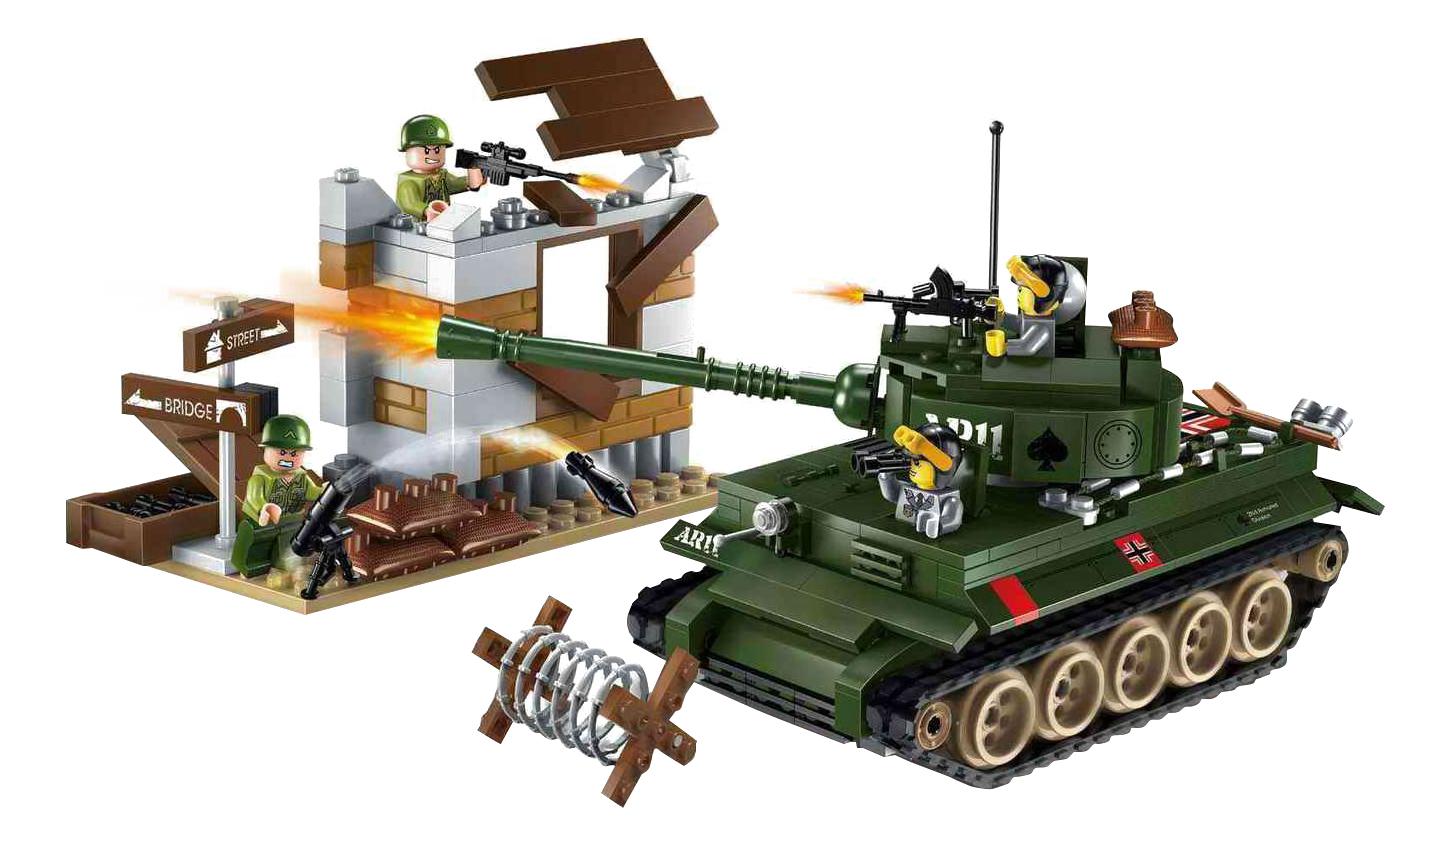 Купить Конструктор Танк Brick Combat Zones 1711, Конструкторы пластмассовые